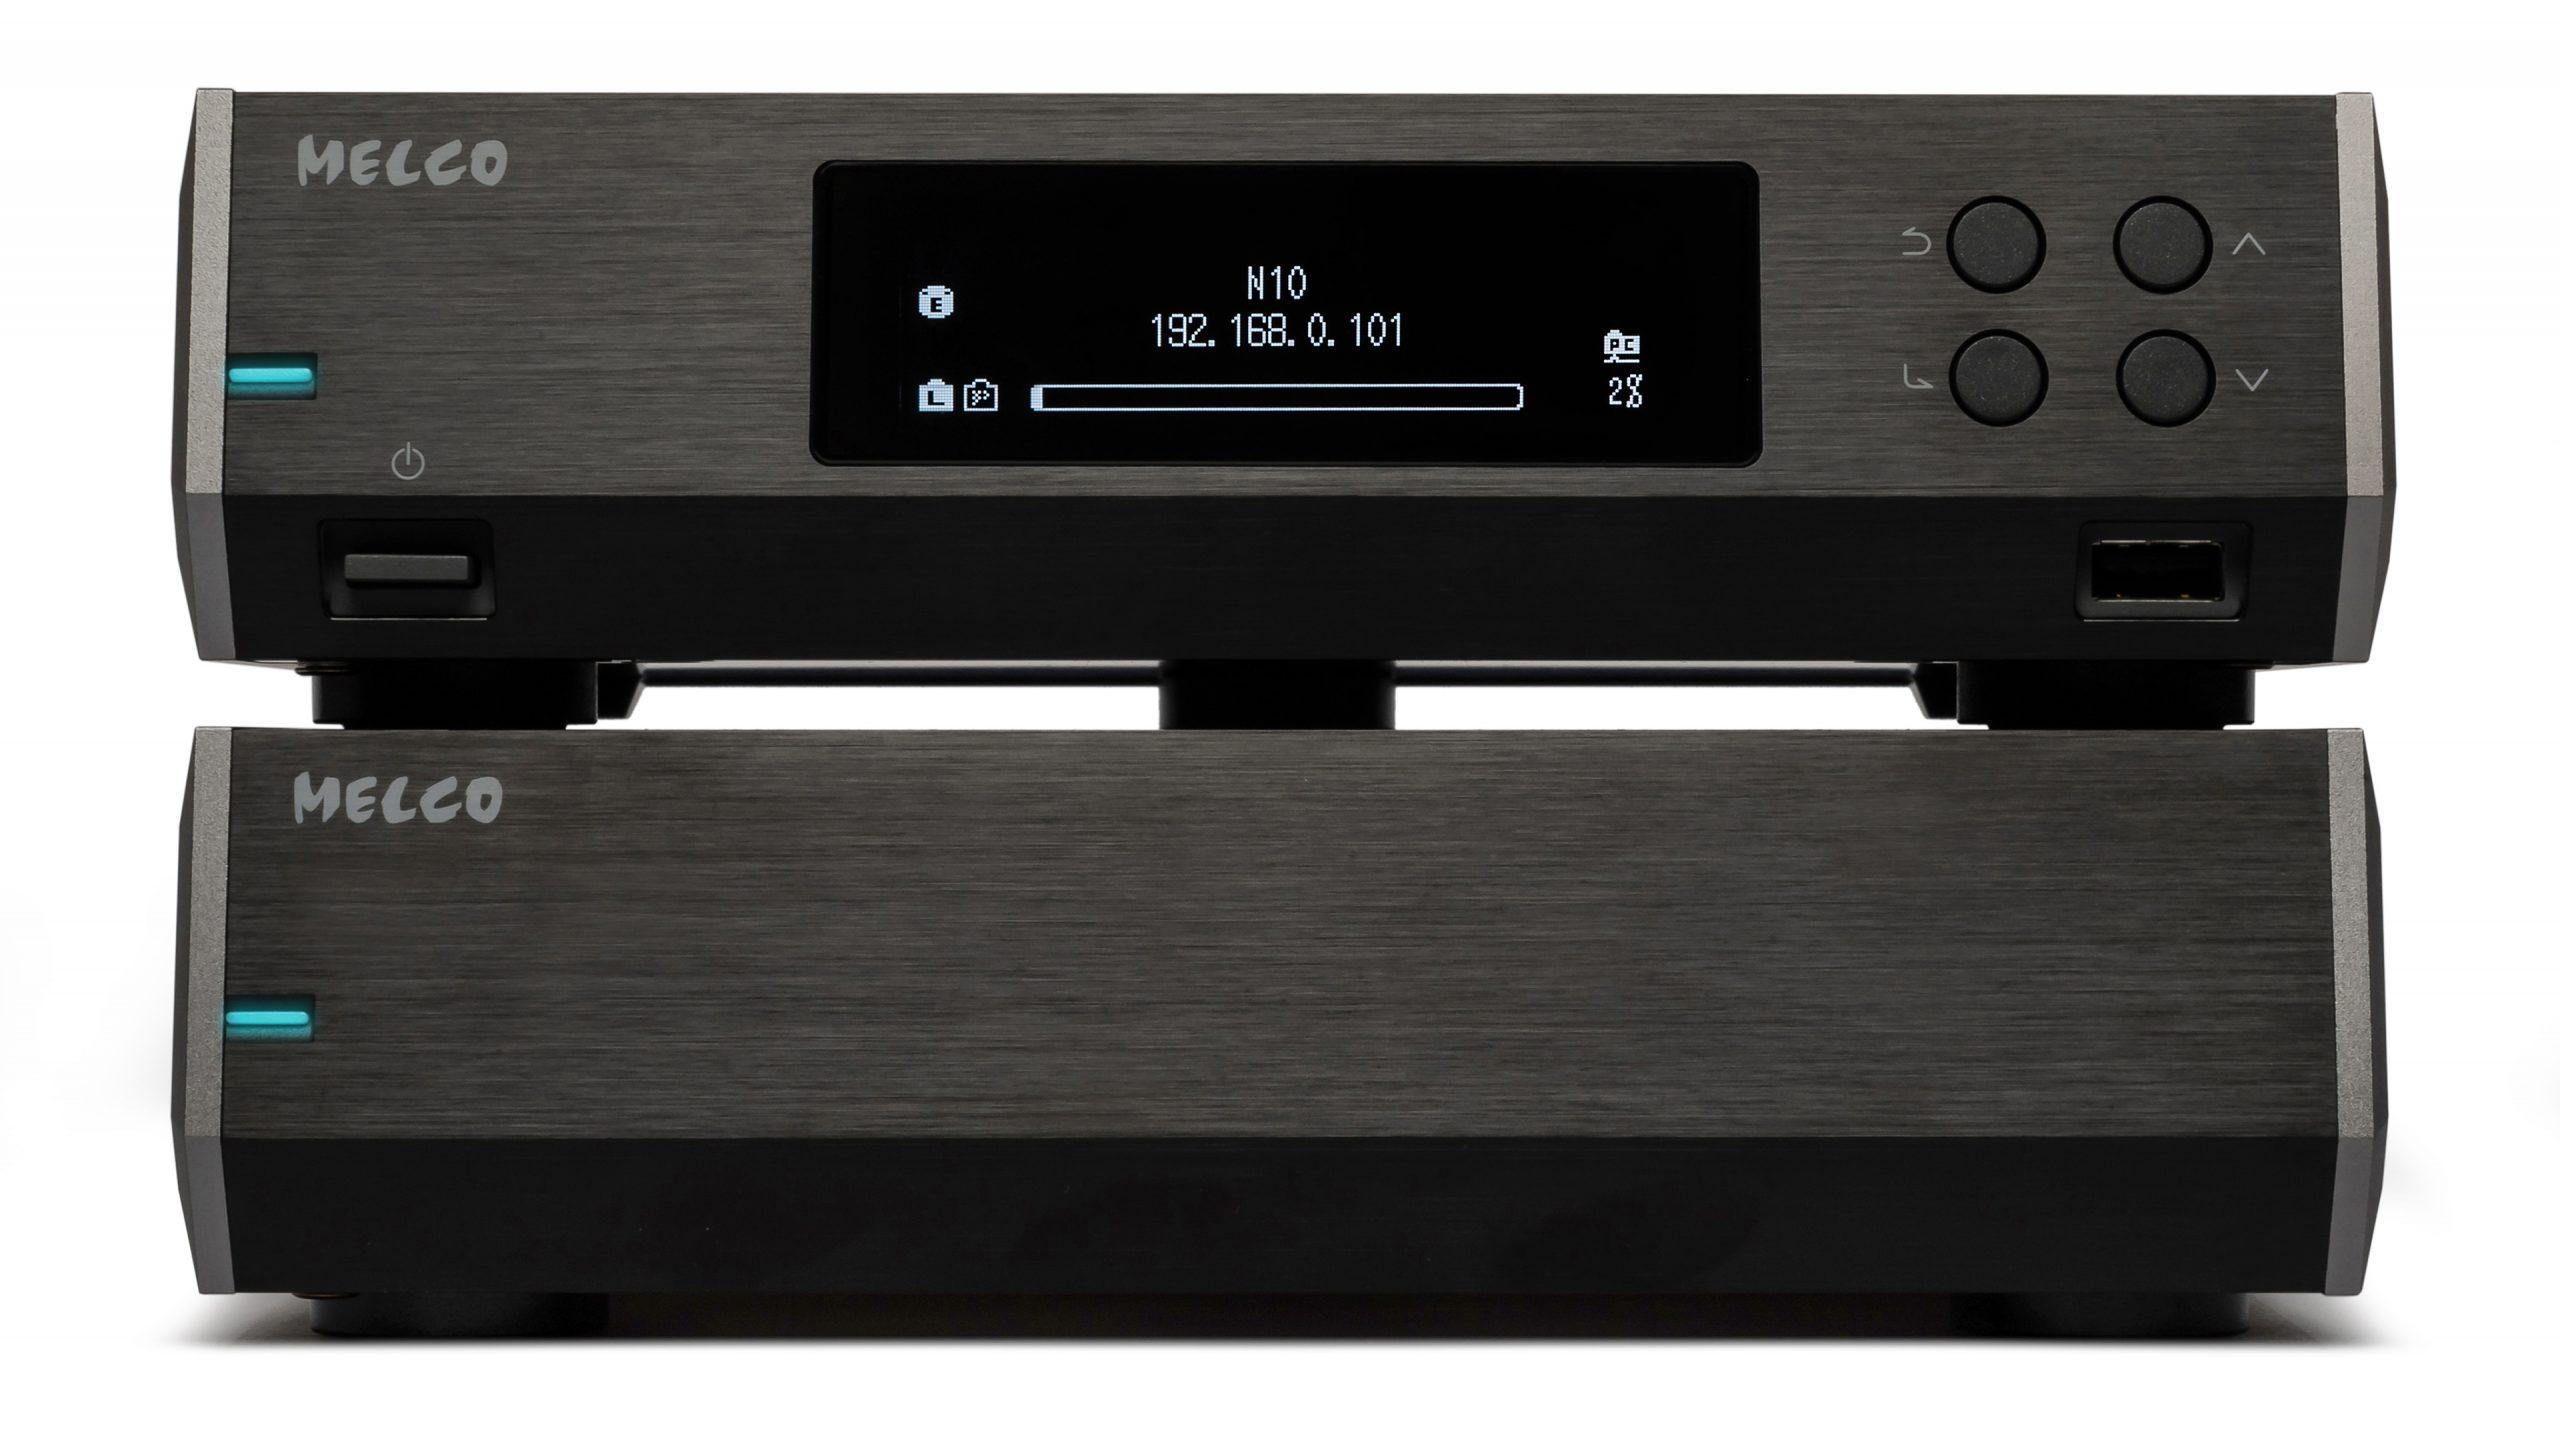 Toboksløsningen Melco N10 er mye dyrere enn N100, og har ekstern strømforsyning for enda bedre lyd. Foto: Melco